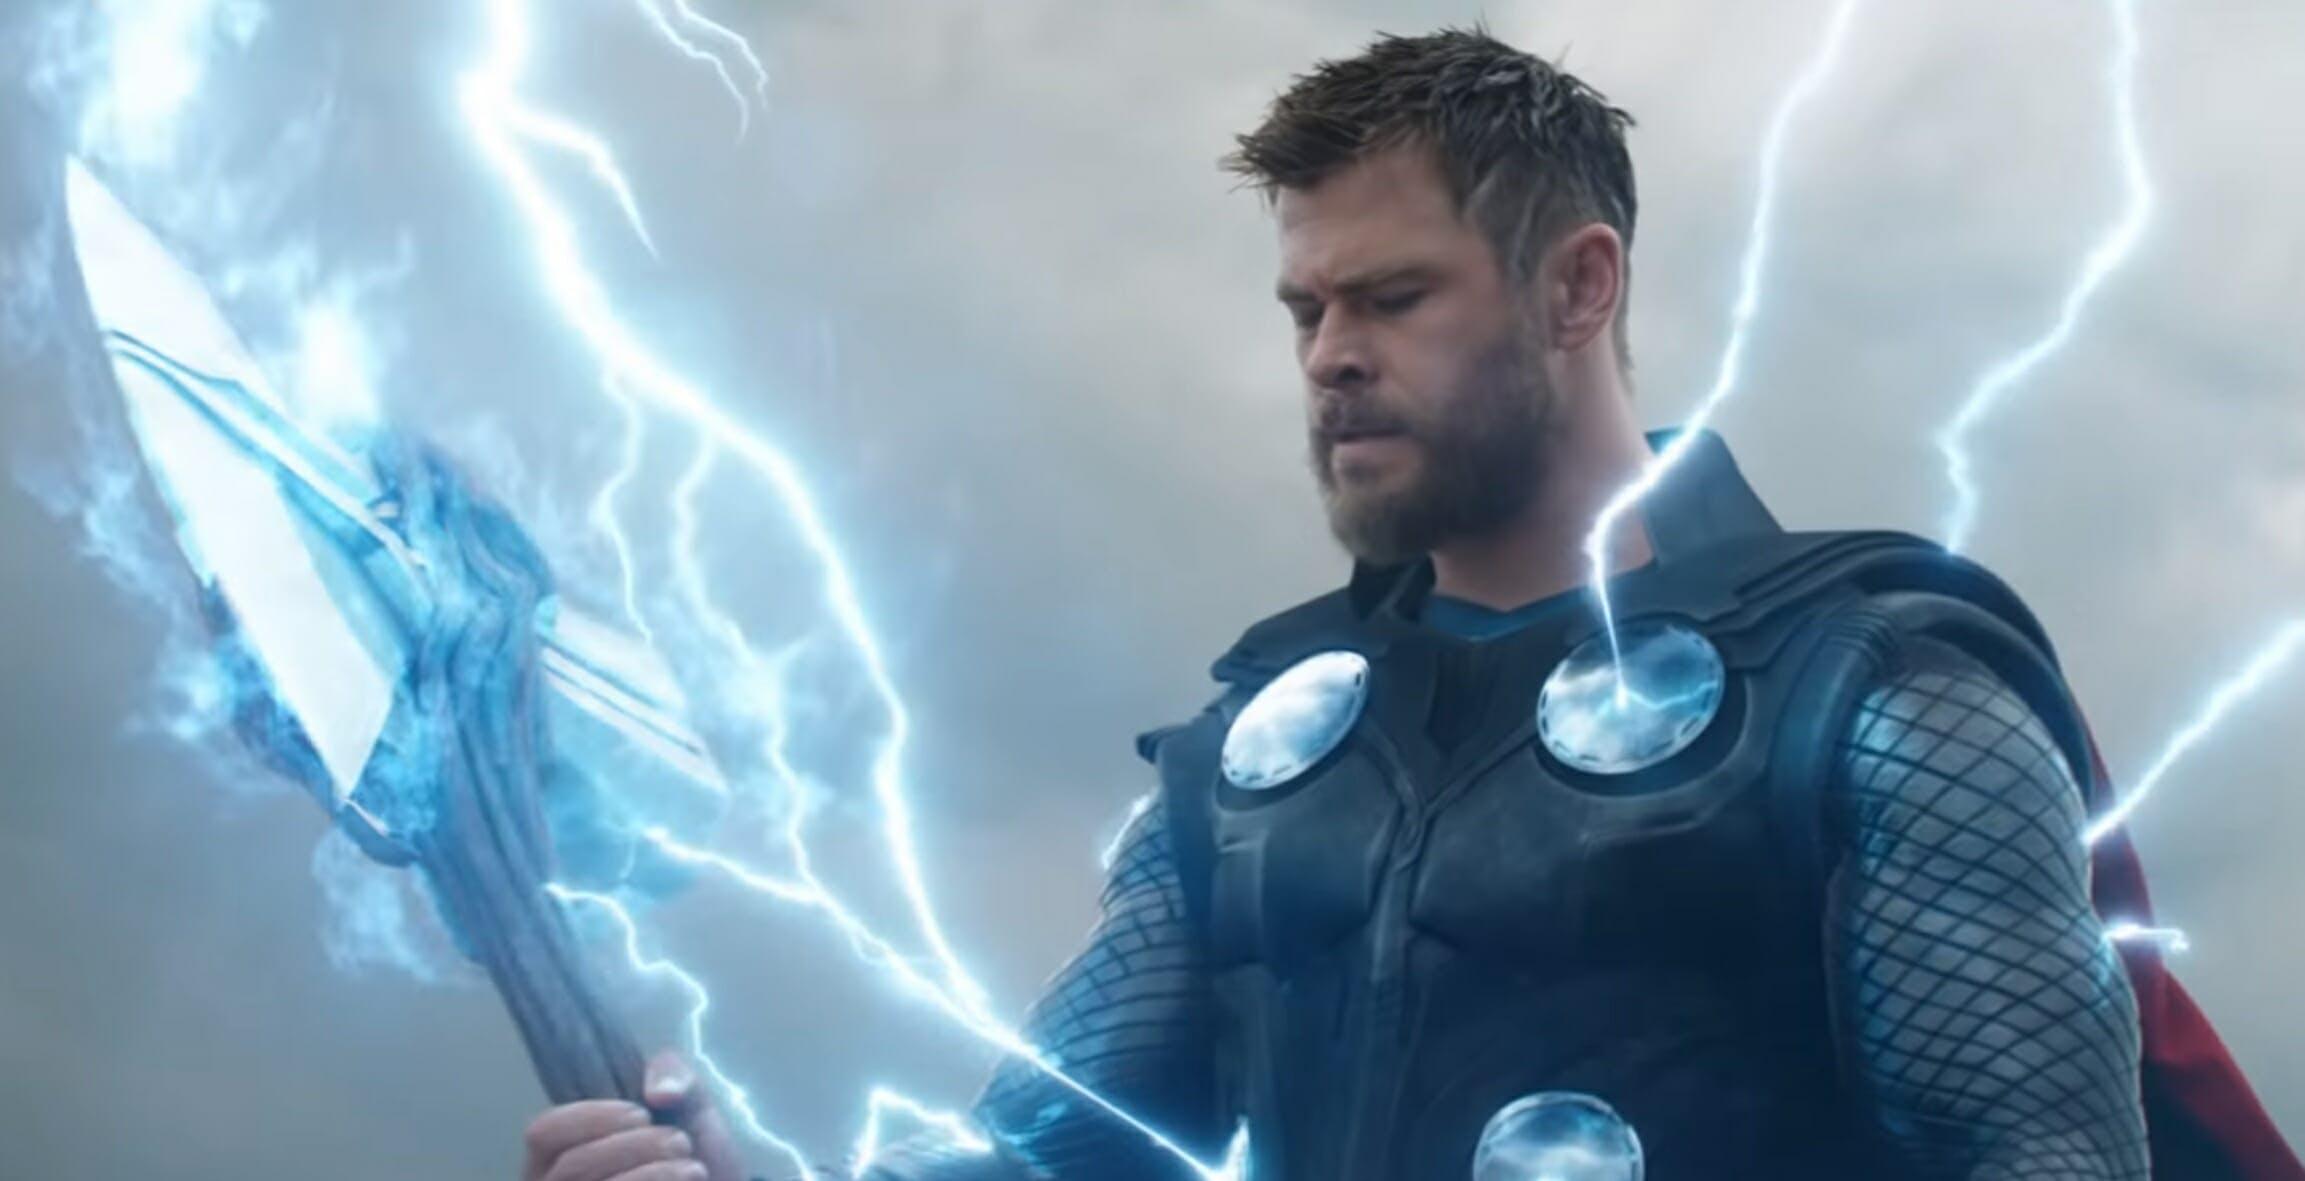 avengers endgame post-credits scene explained